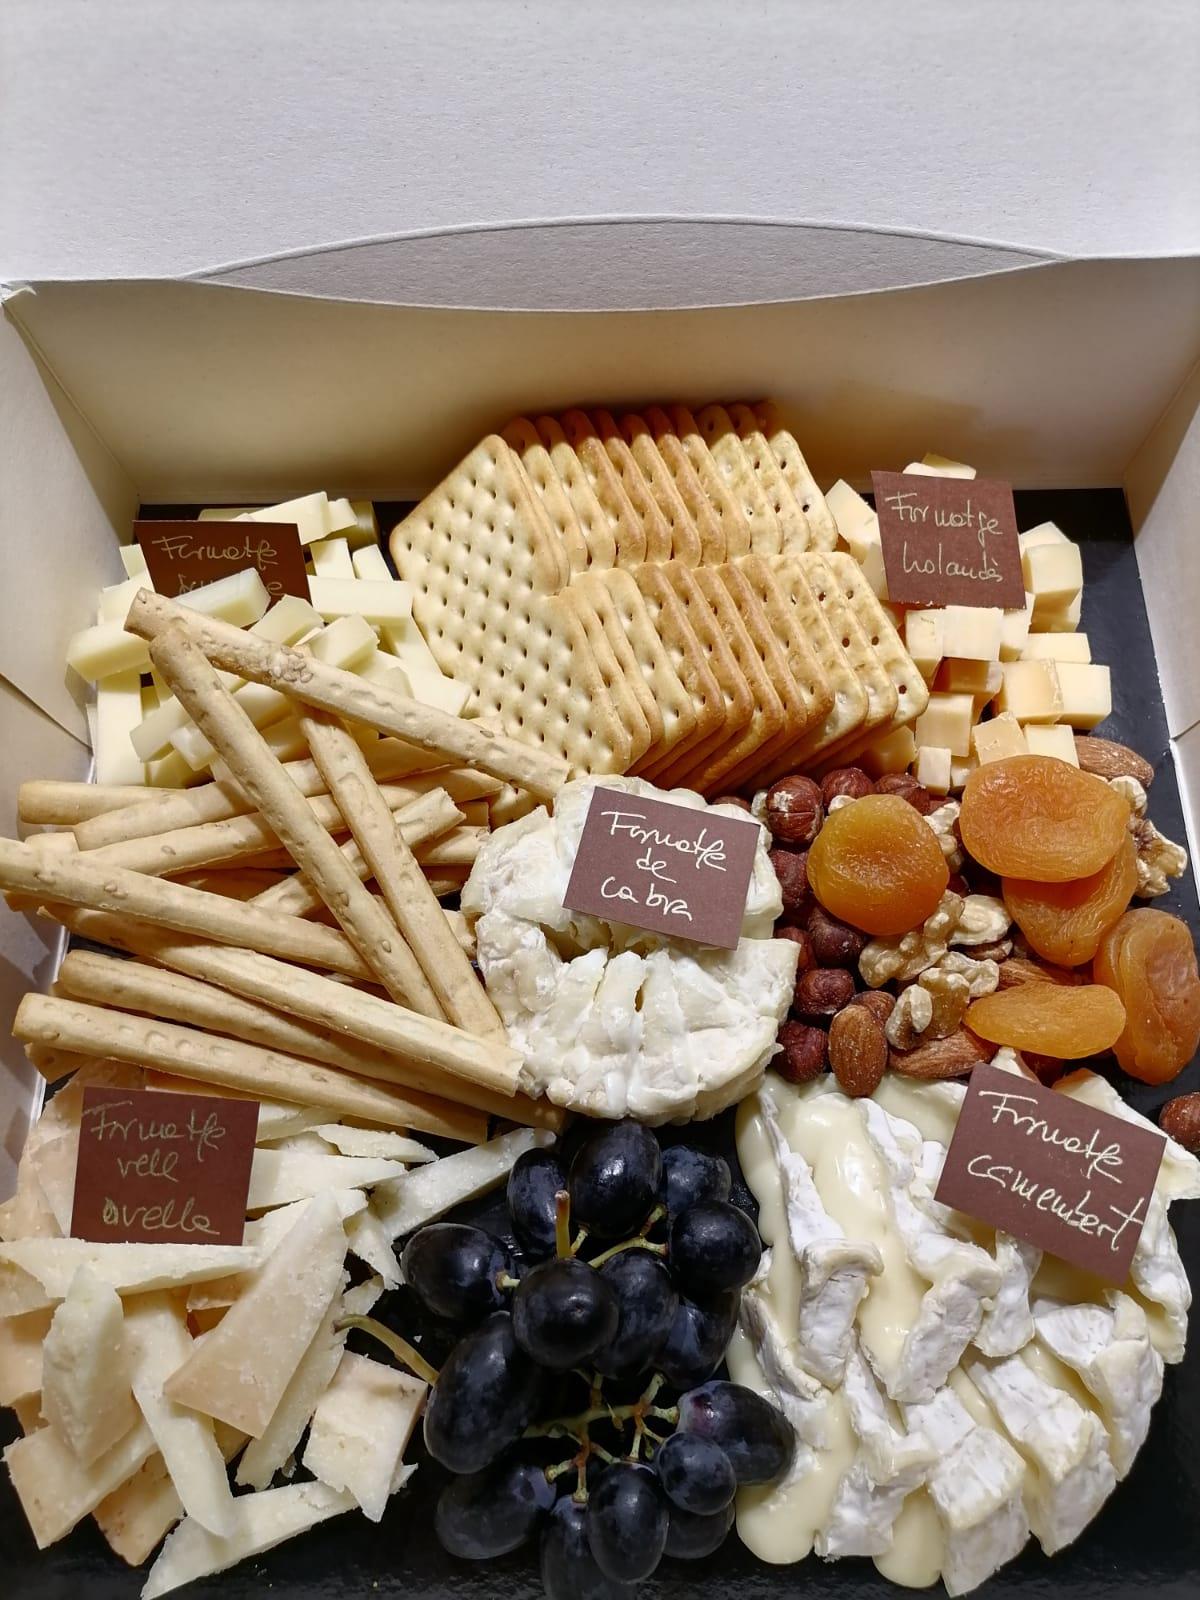 Taula de formatges de 5 tipus amb bastonets, crackers de pa, raïm i fruits secs